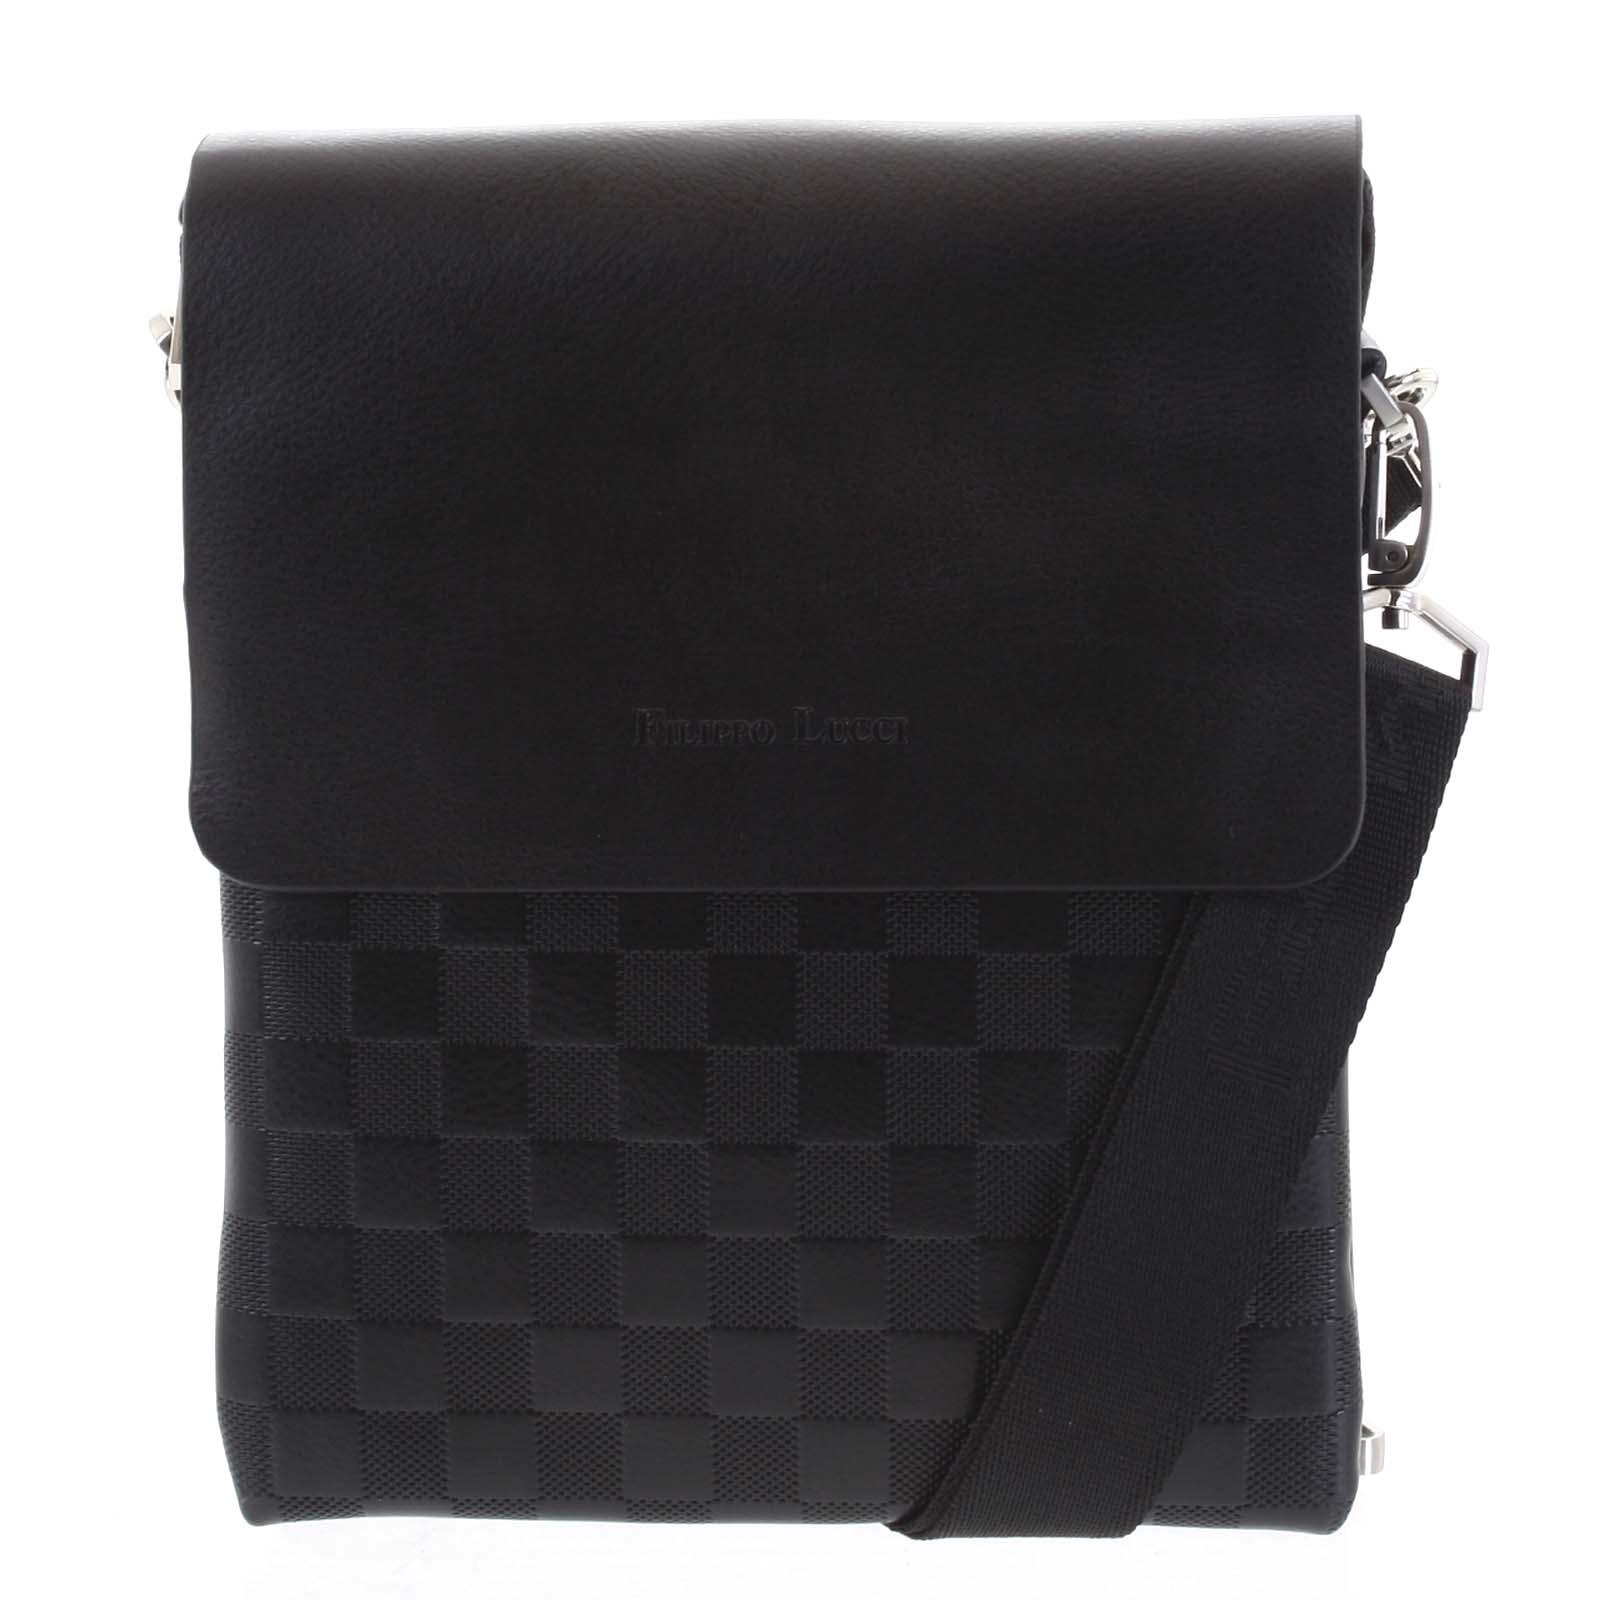 Pánska kožená taška čierna - Filippo Lucci Paolo